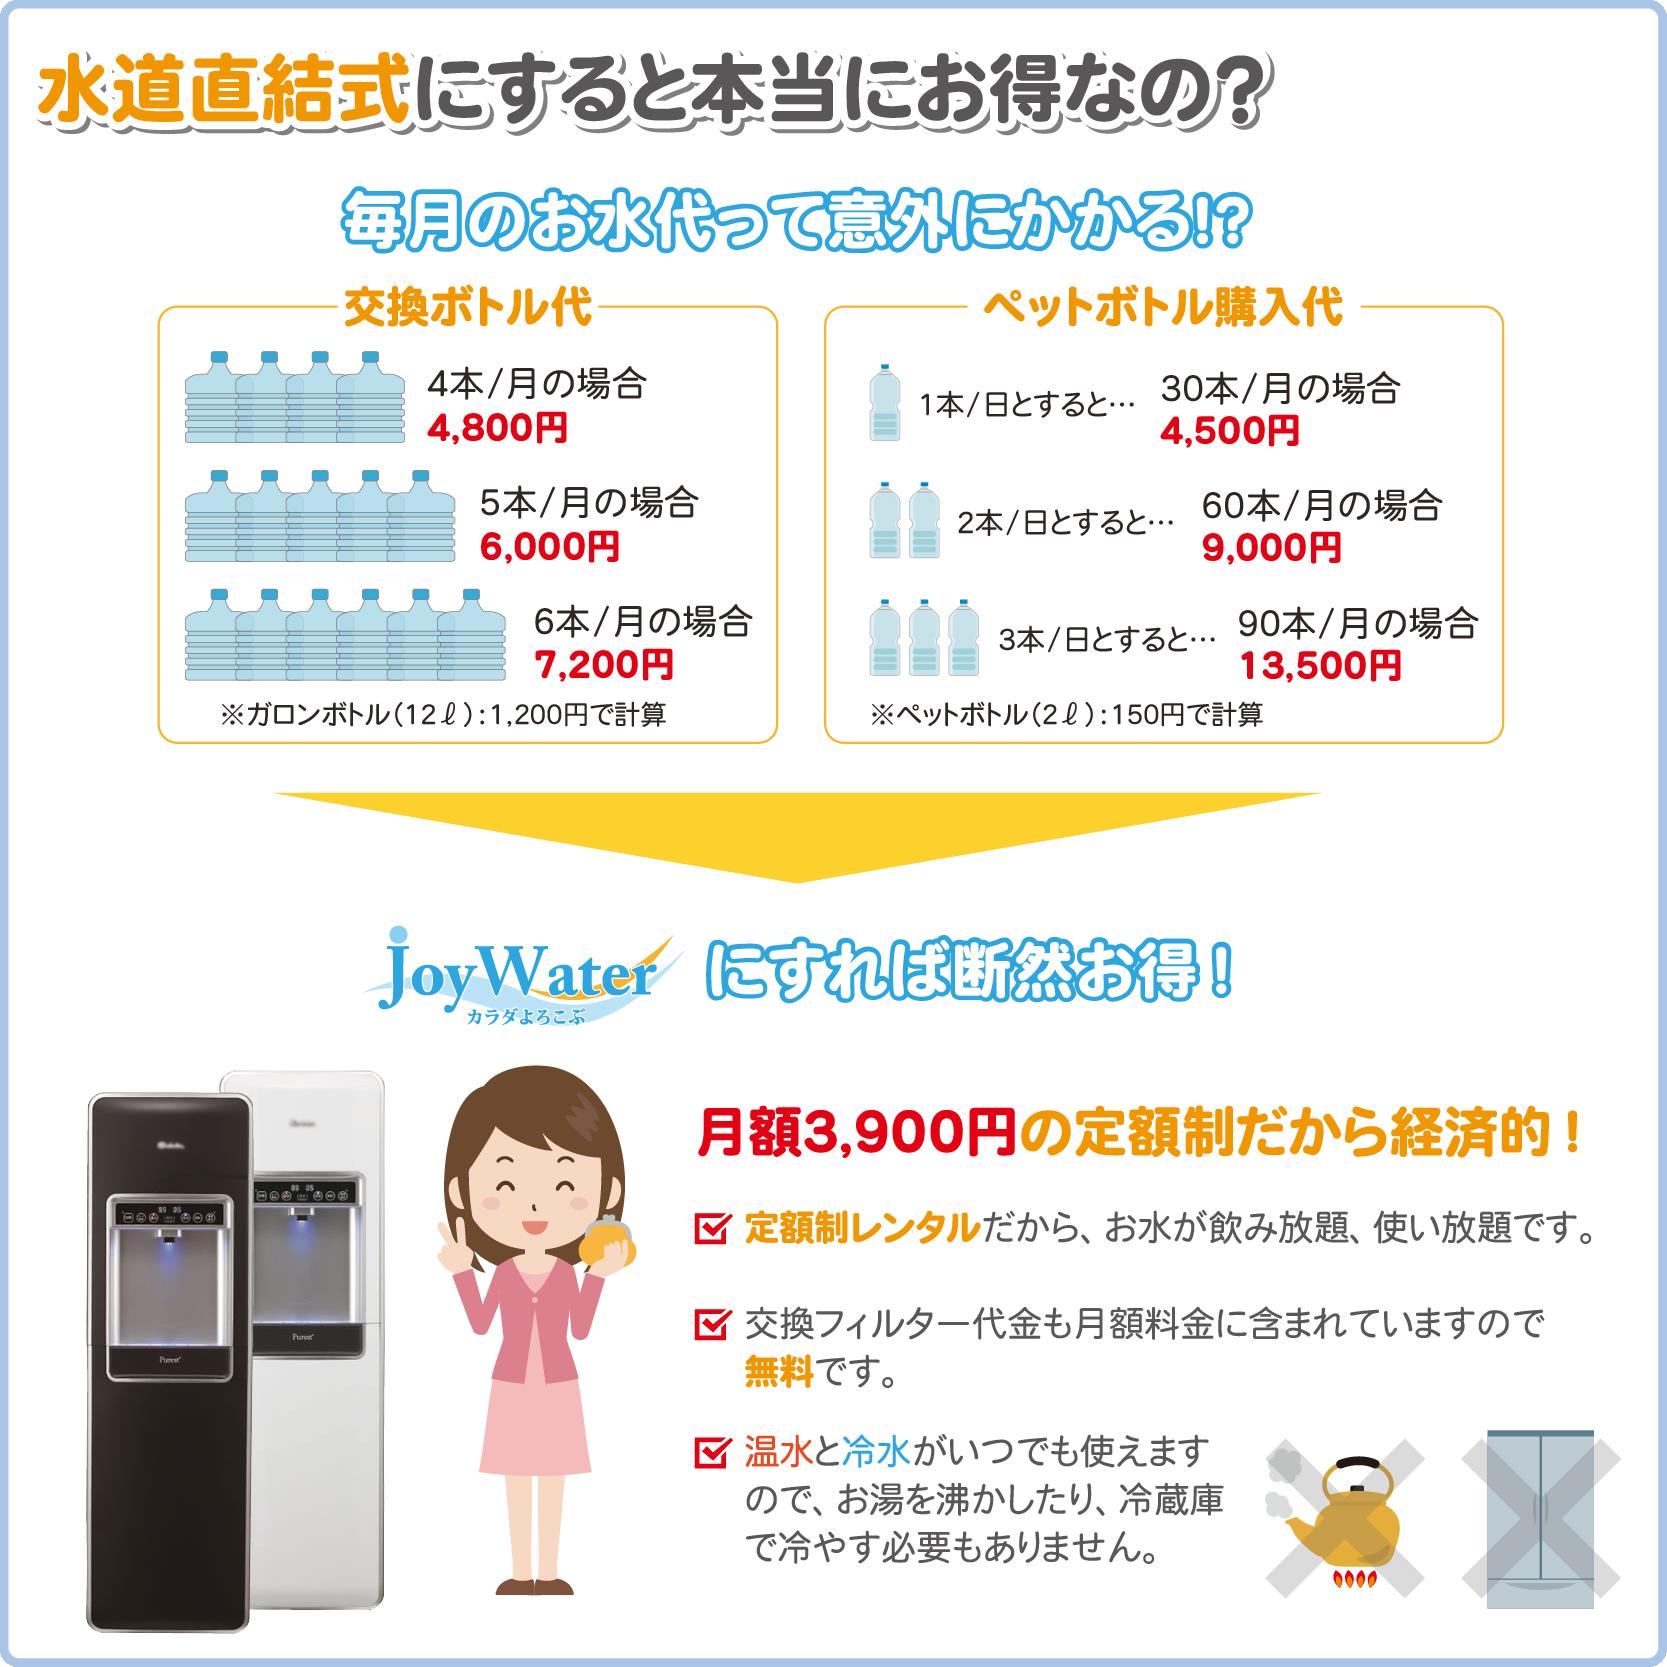 水道直結式にすると本当にお得なの?毎月のお水代って意外にかかる!?JoyWaterにすれば断然お得!月額3,900円の定額制だから経済的!定額制レンタルだから、お水が飲み放題、使い放題です。交換フィルター代金も月額料金に含まれていますので無料です。温水と冷水がいつでも使えますので、お湯を沸かしたり、冷蔵庫で冷やす必要もありません。